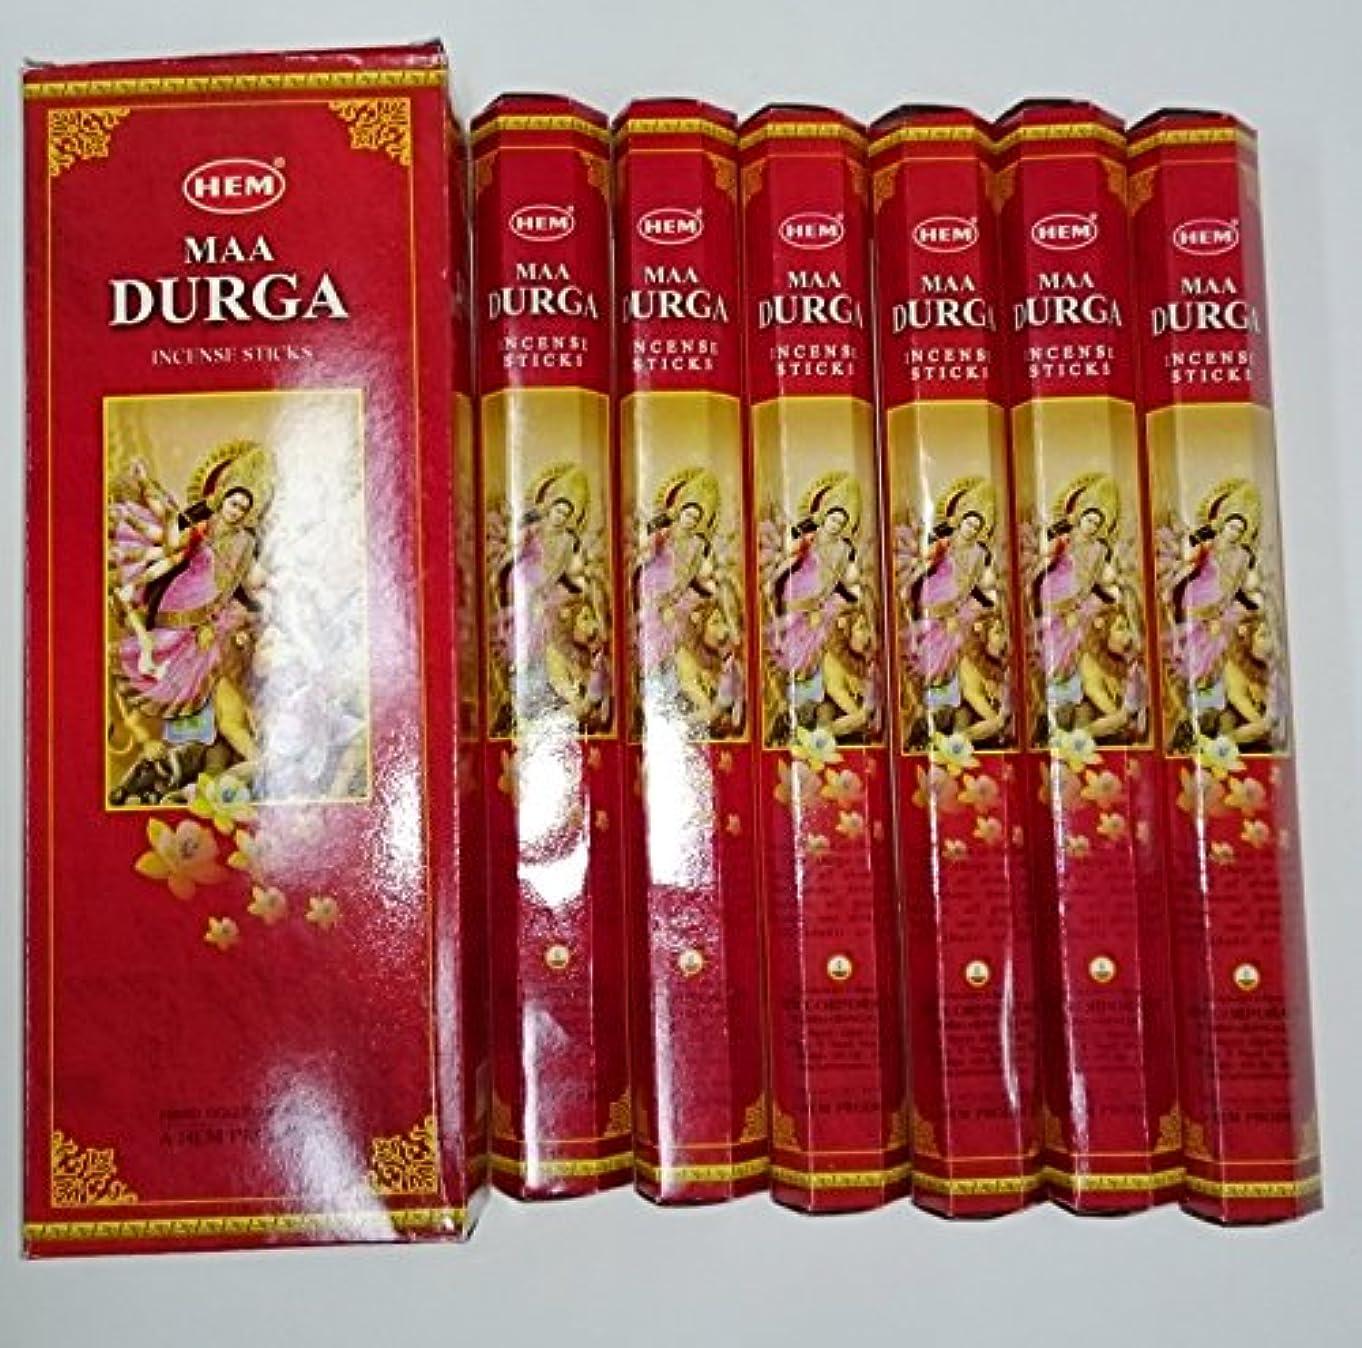 音声学デンプシー運ぶHEM(ヘム) スティックお香 六角香 ヘキサパック ドゥルガー香 6角(20本入)x6箱[並行輸入品]DURGA